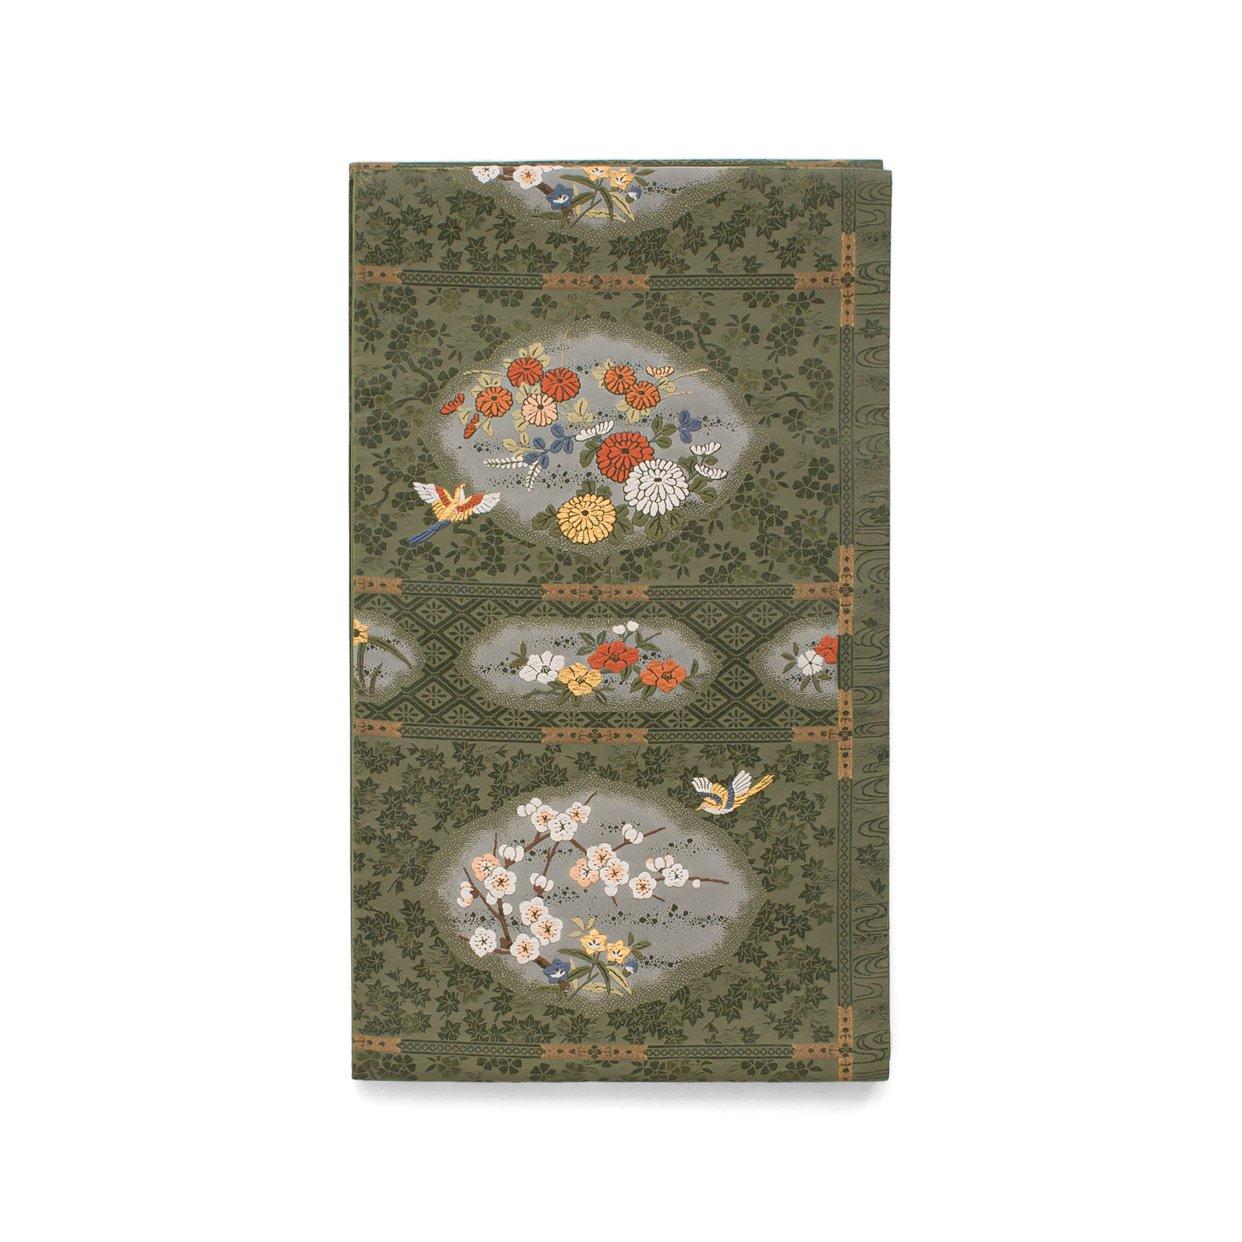 「袋帯●花と鳥」の商品画像